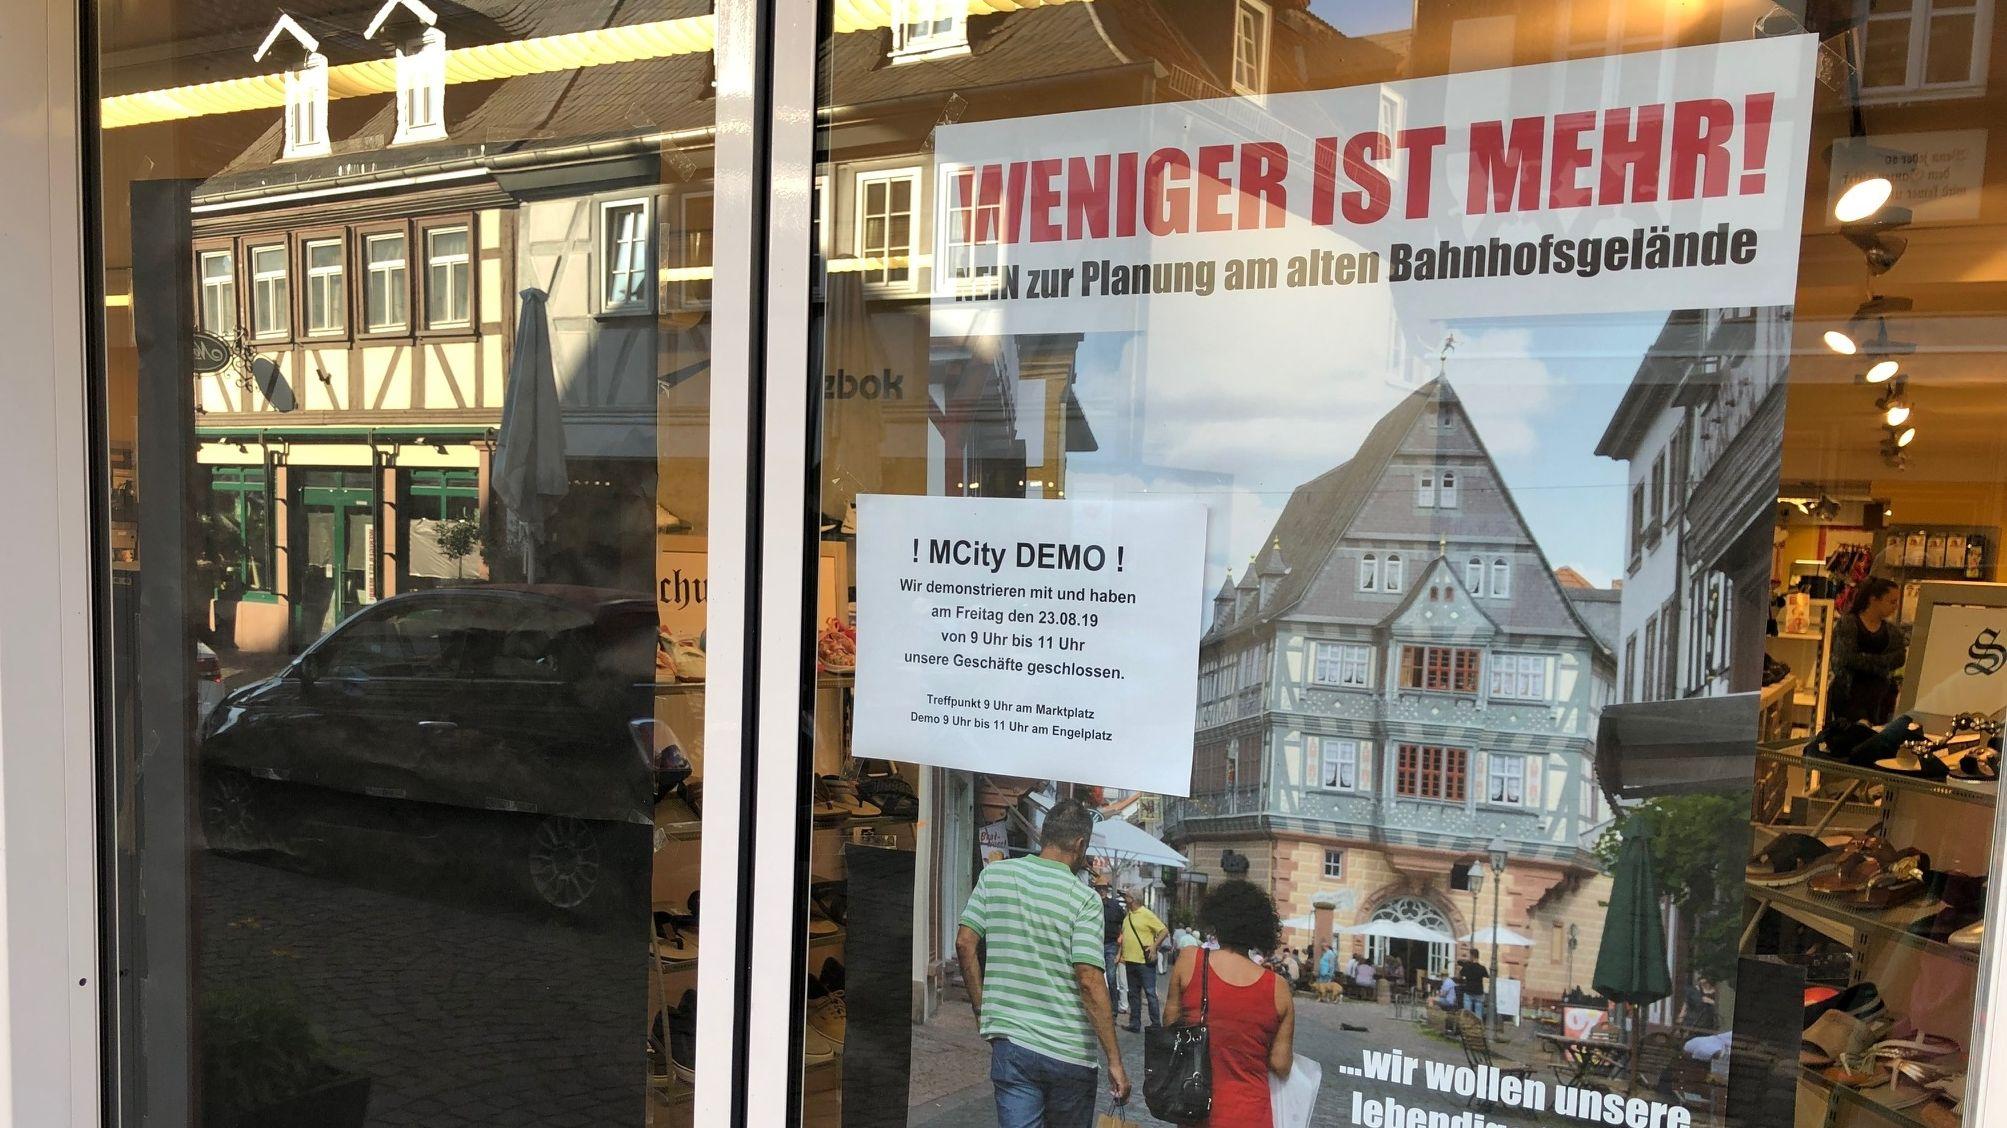 In einem Schaufenster in Miltenberg hängt ein Plakat, das auf eine Demonstration hinweist.